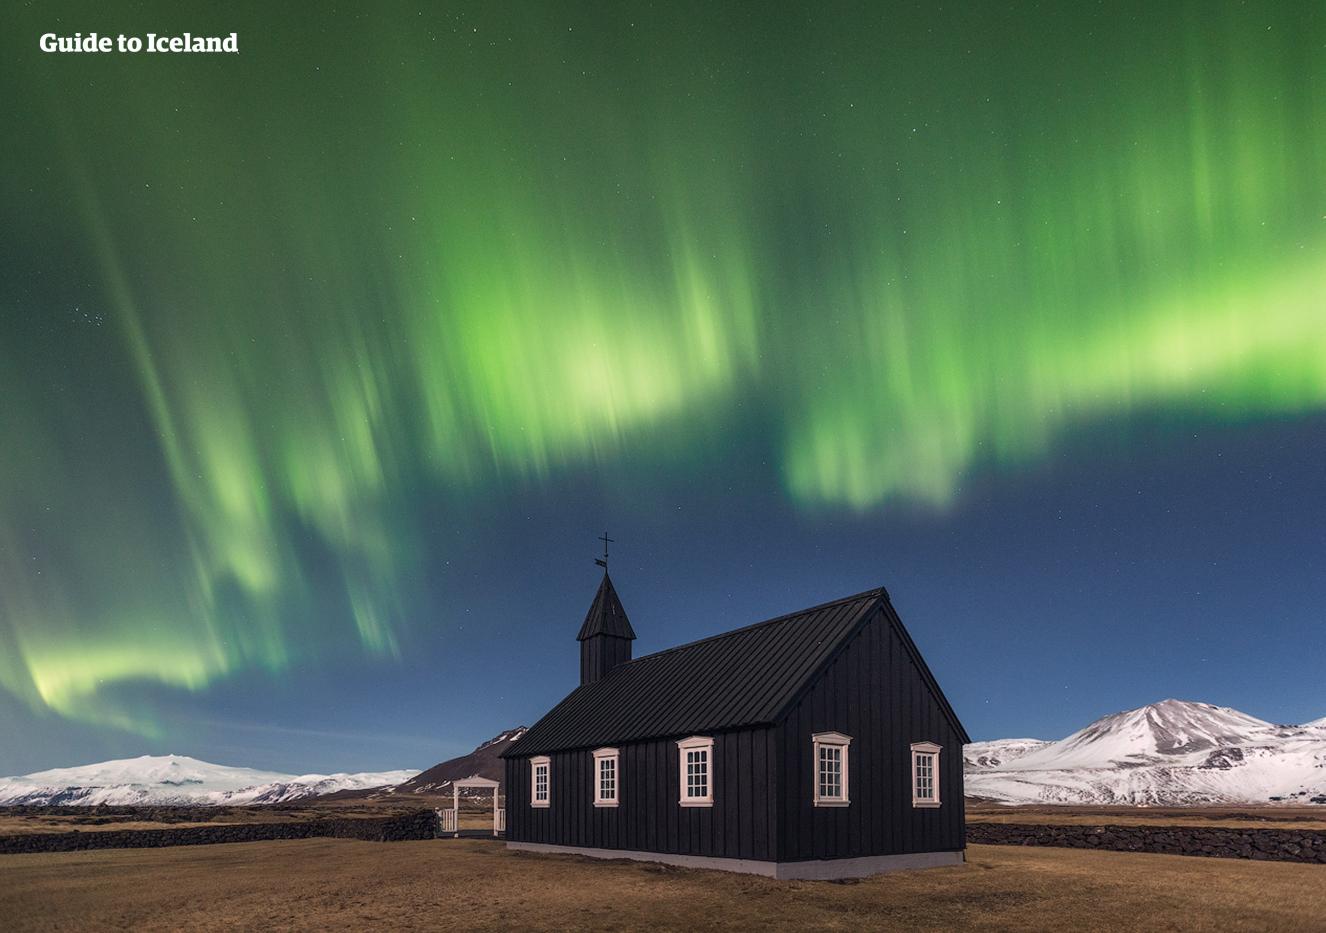 Niebo nad czarnym kościołem w Búðir na półwyspie Snæfellsnes pomalowane w zielonych odcieniach zorzy polarnej.